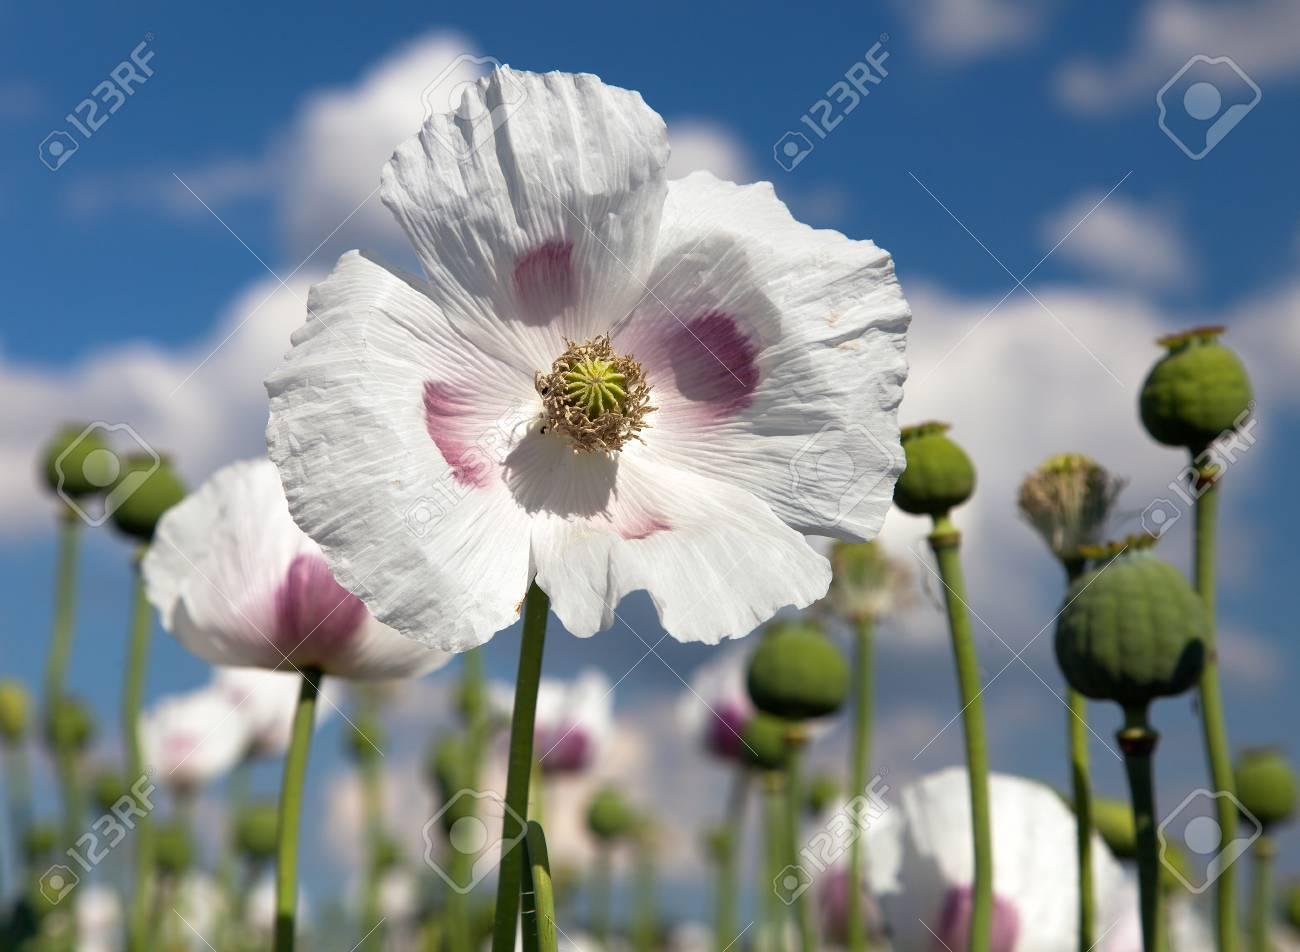 Detail Of Flowering Opium Poppy In Latin Papaver Somniferum Stock